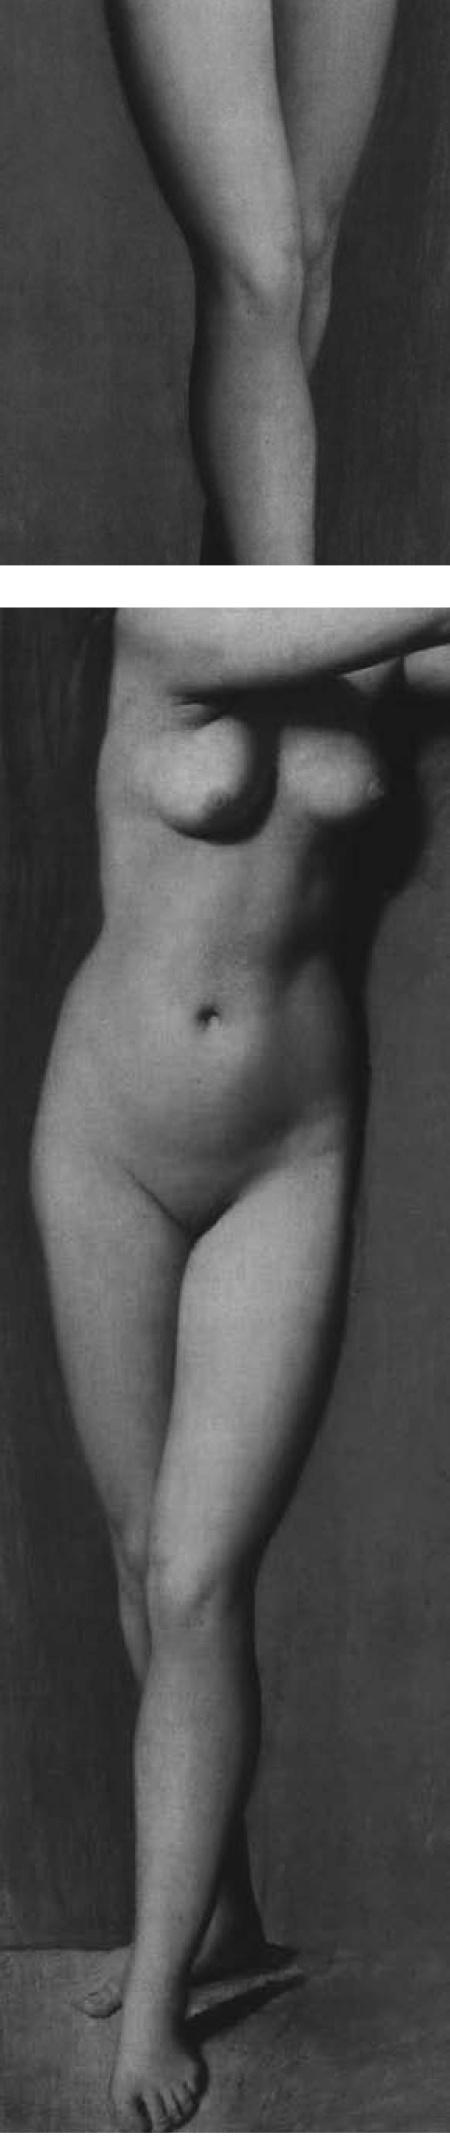 Femme nue sans visage